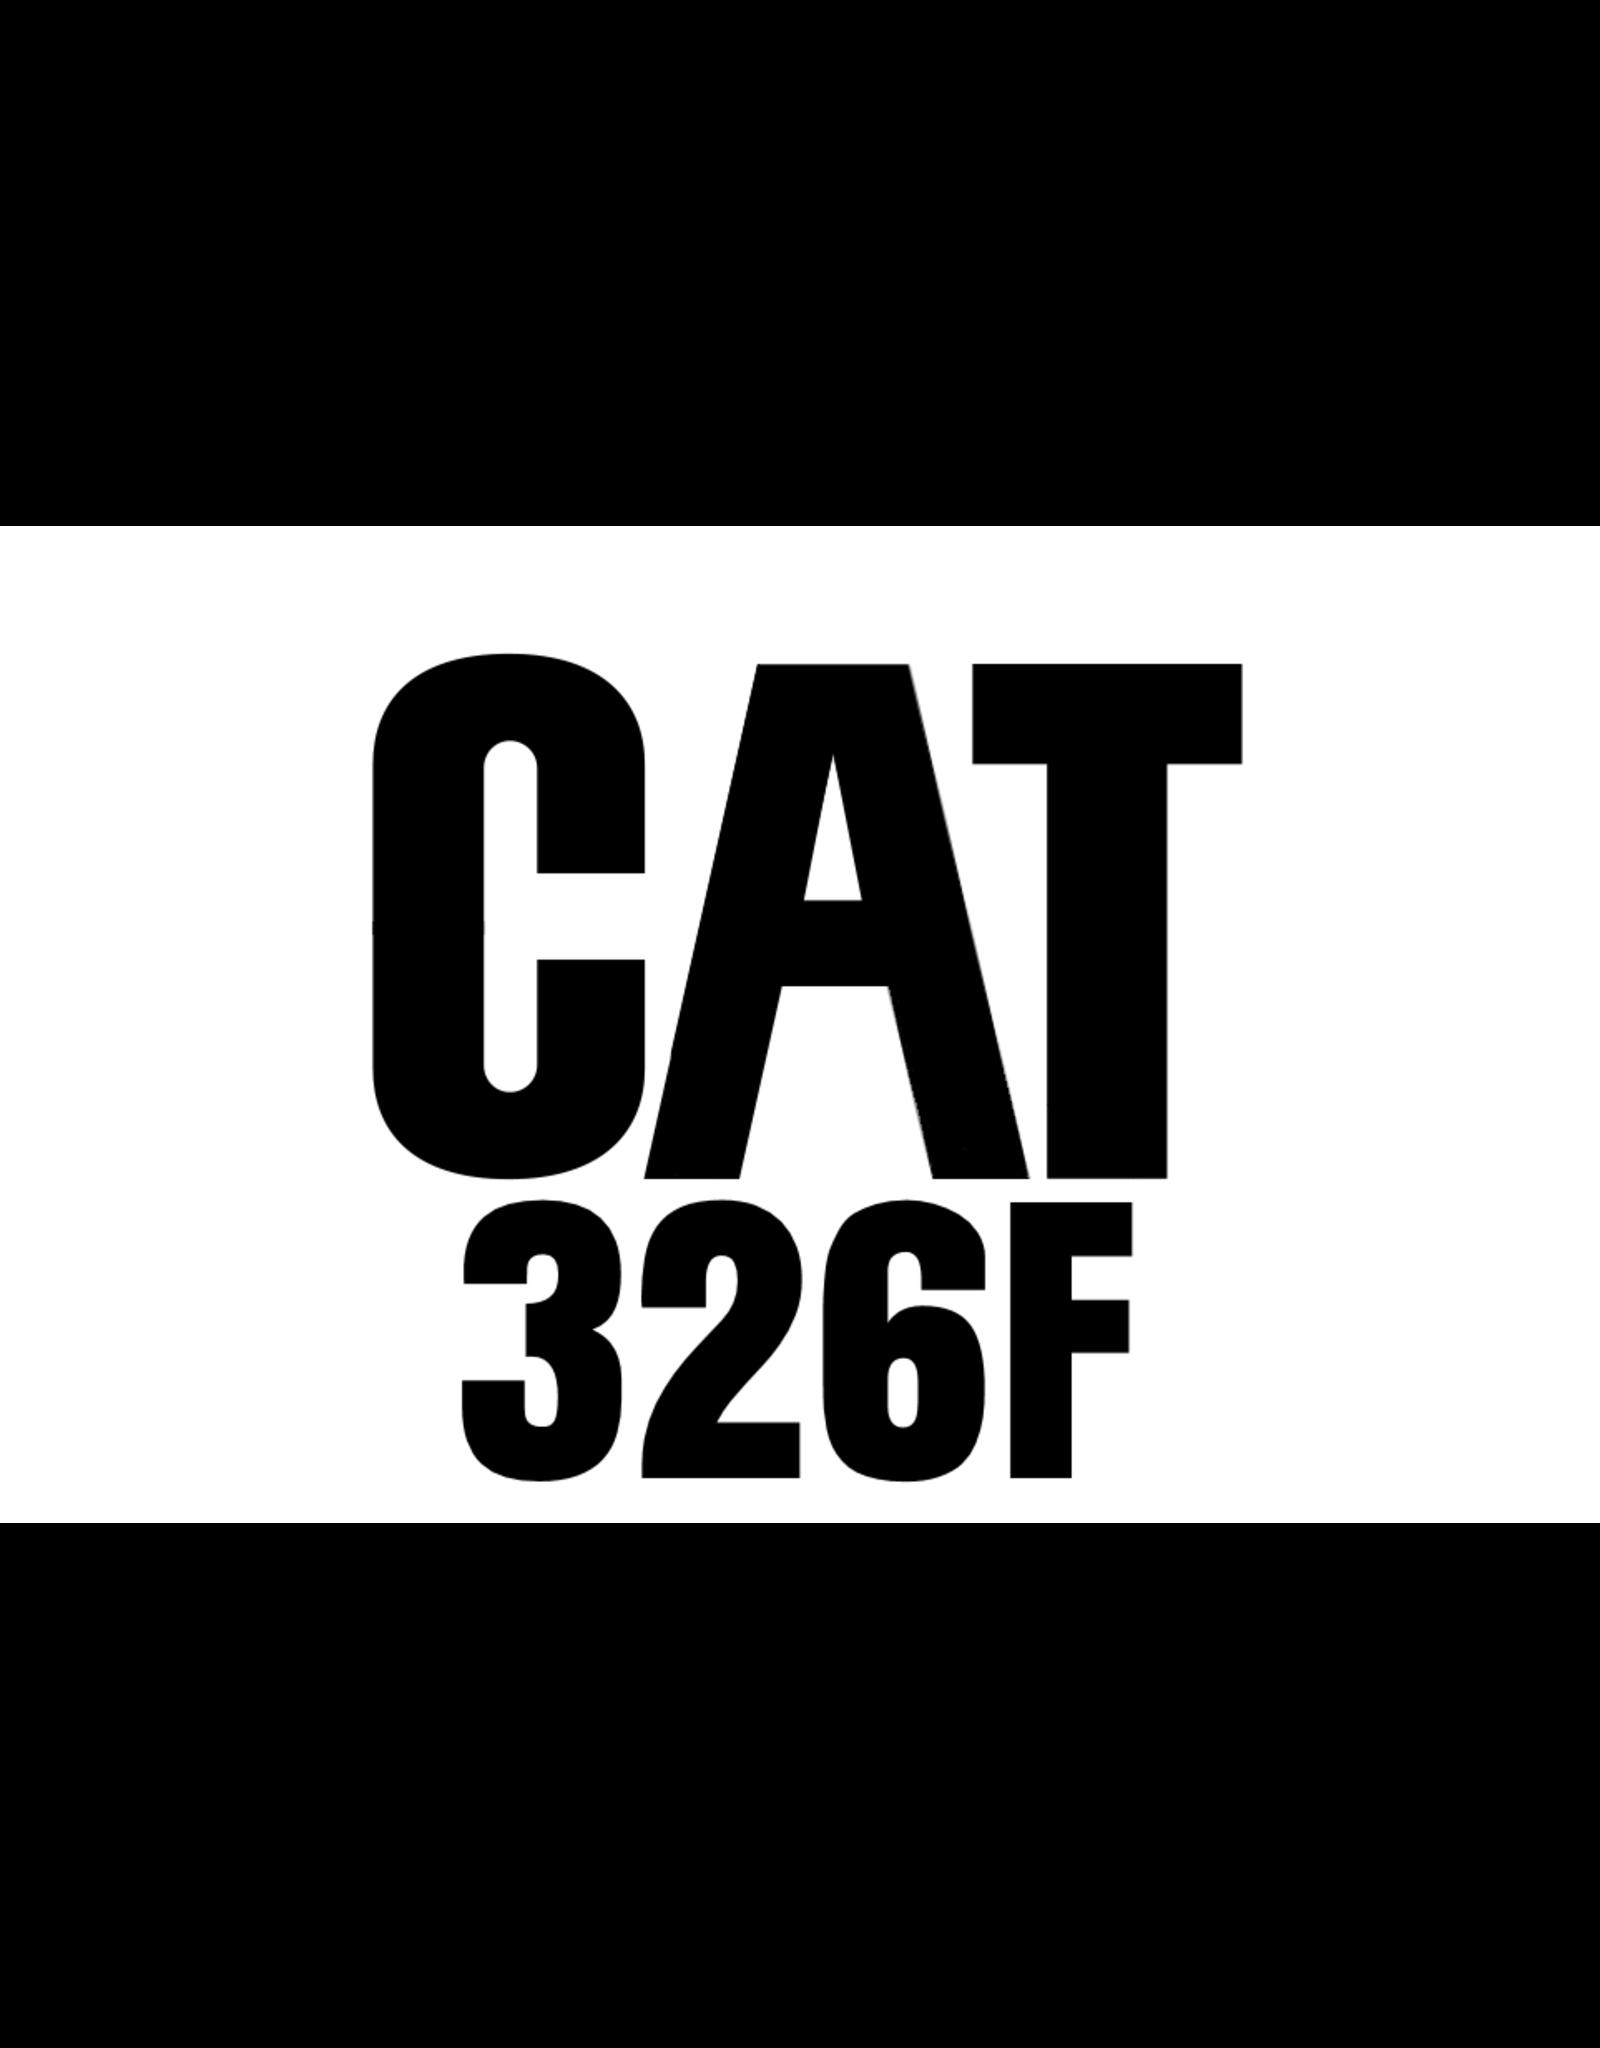 Echle Hartstahl GmbH FOPS pour CAT 326F